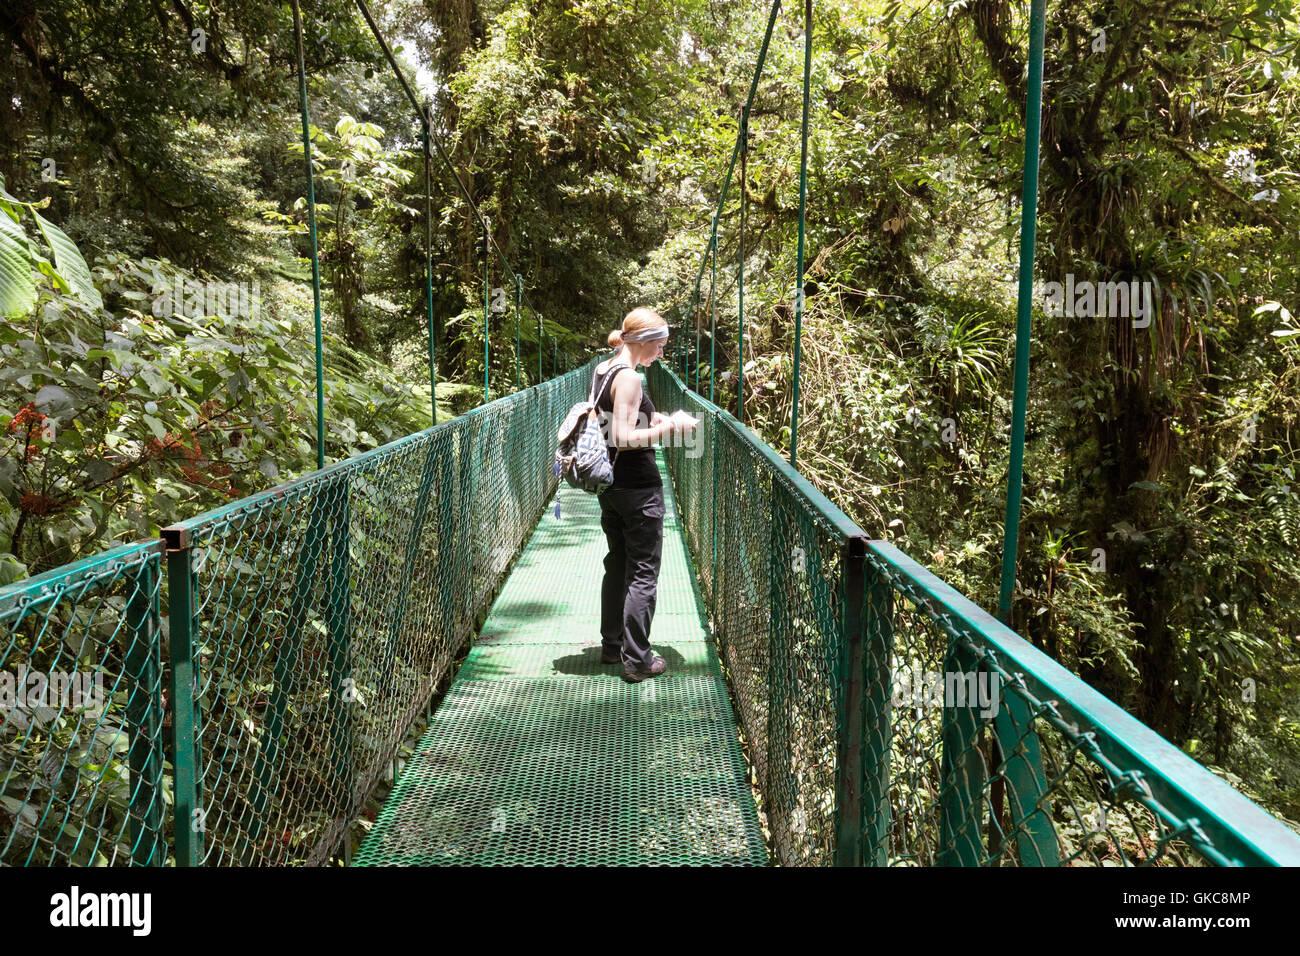 Touriste marcher sur un pont couvert, Monteverde Cloud Forest Reserve, Monteverde, Costa Rica, Amérique Centrale Banque D'Images